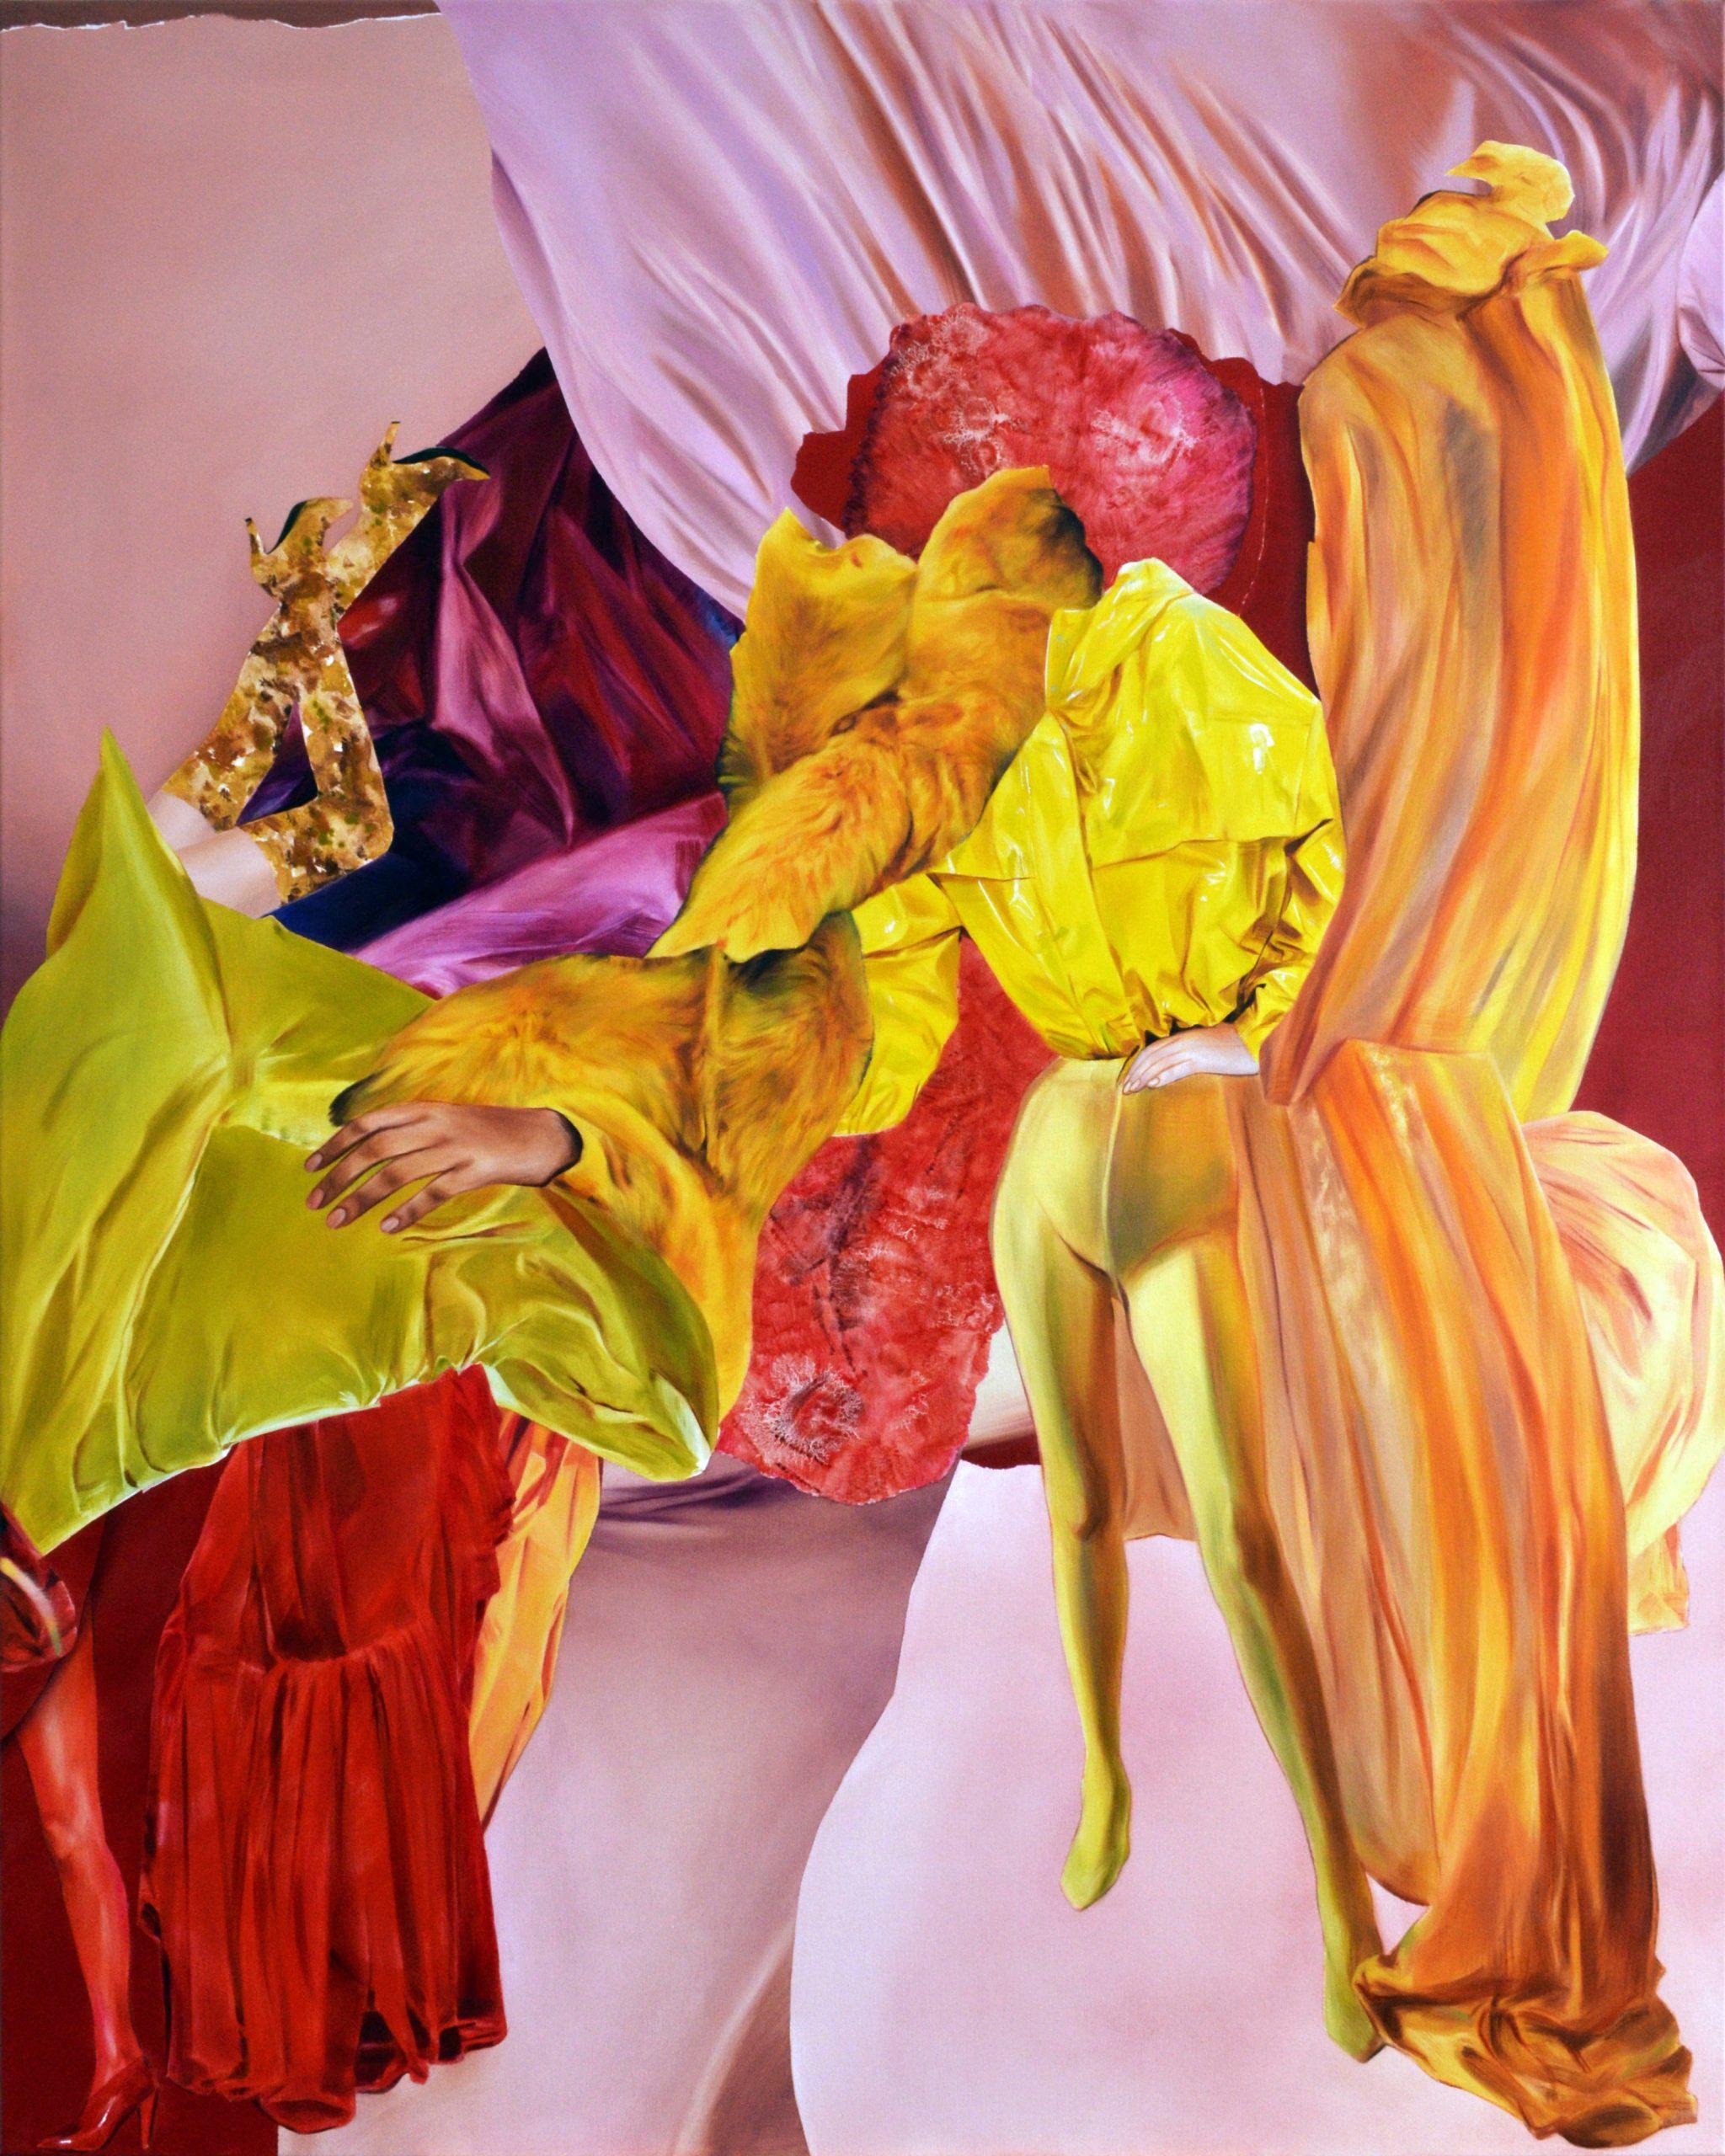 Martyna Borowiecka_Obierała dojrzałą brzoskwinię z lubieżną delikatnością godną bankietu Kleopatry_150x120cm_olej na płótnie_2018